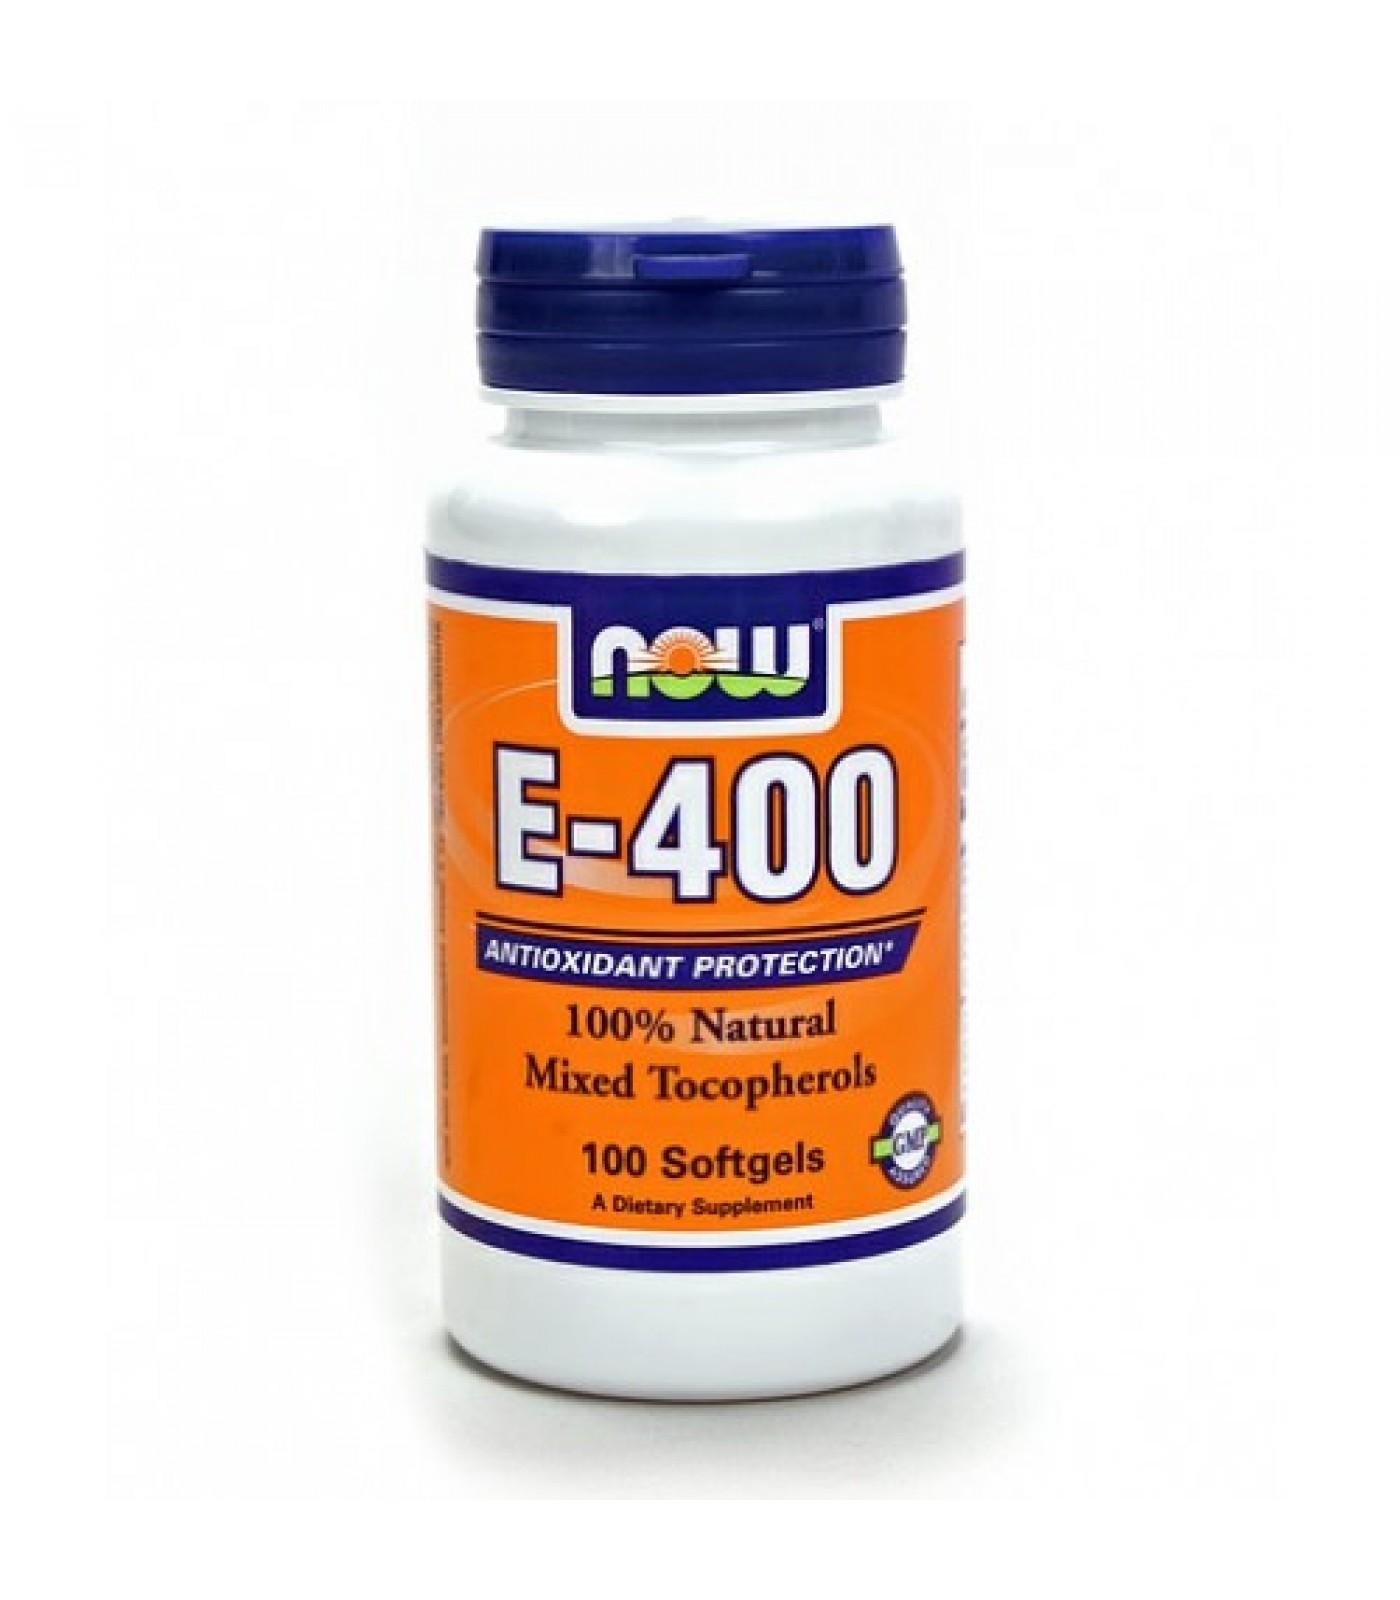 NOW - Vitamin E-400 IU (Mixed Tocopherols) / 100 Softgels